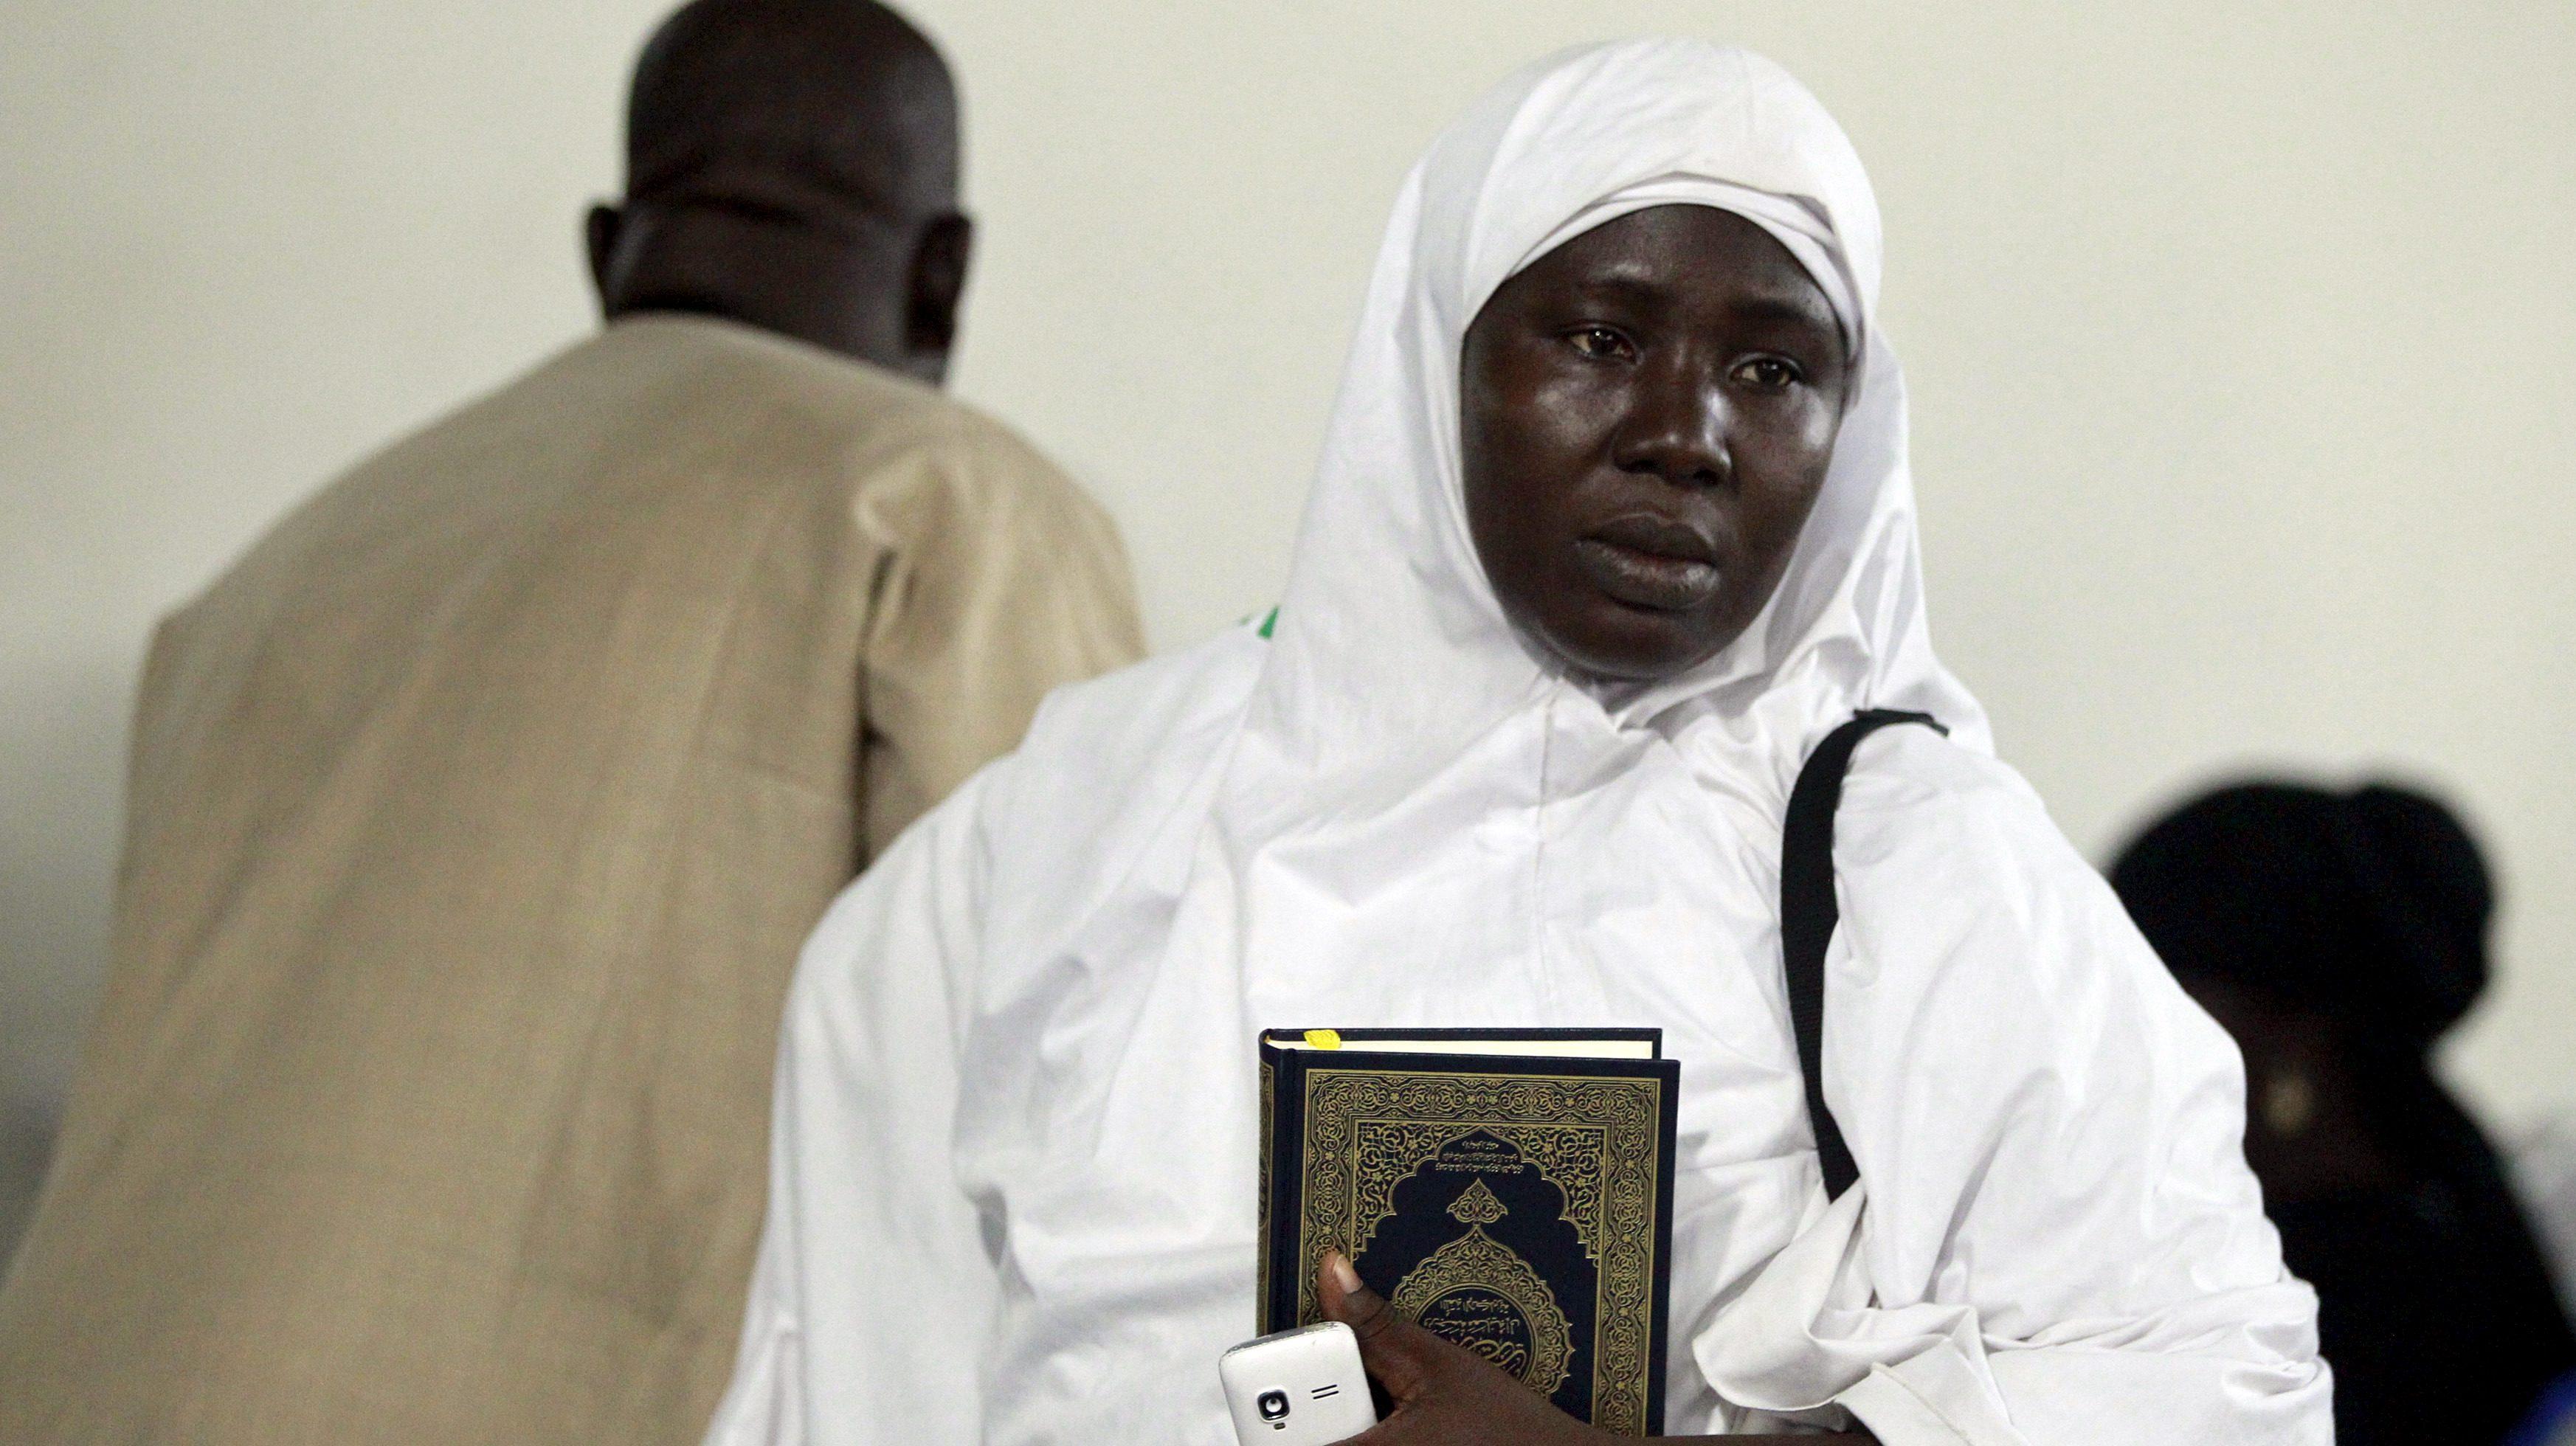 A female pilgrim returns from the hajj